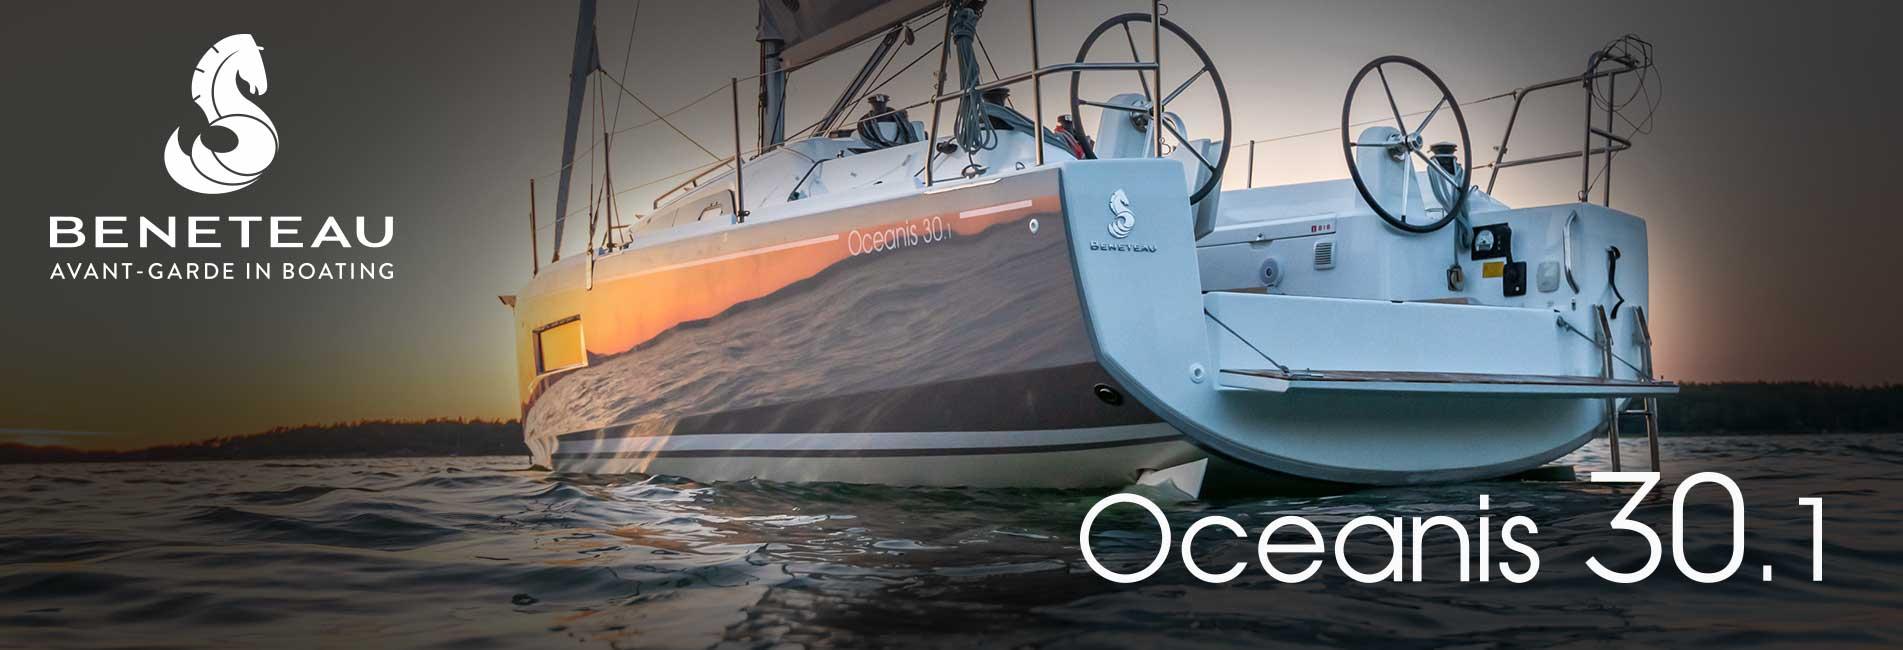 2020 Beneteau Oceanis 30.1